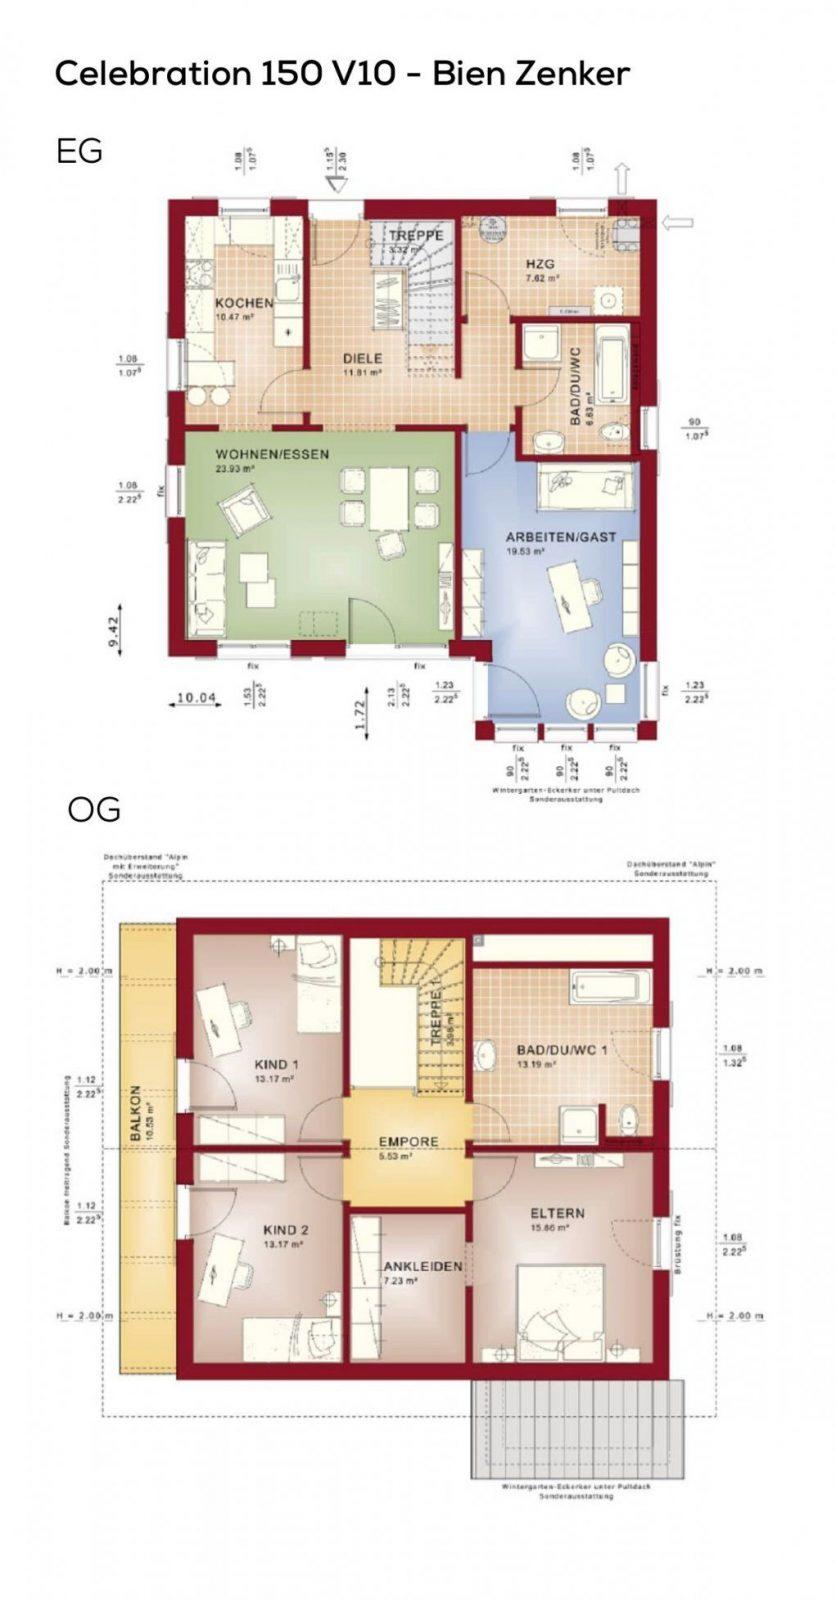 Grundriss Einfamilienhaus Im Landhausstil Mit Satteldach von Grundriss Einfamilienhaus 150 Qm Bild